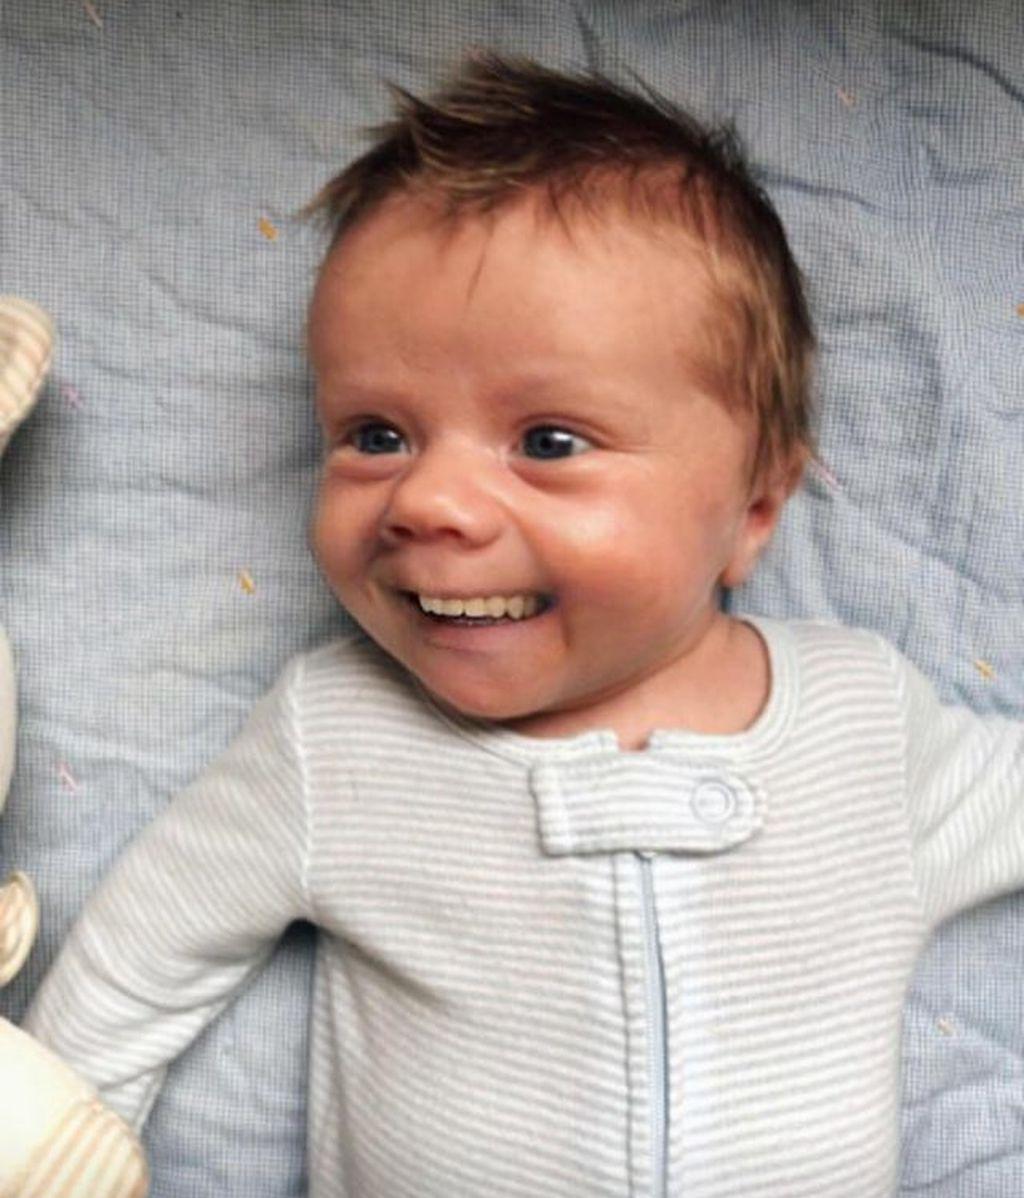 Estos bebés con dientes de adulto arrasan en Internet